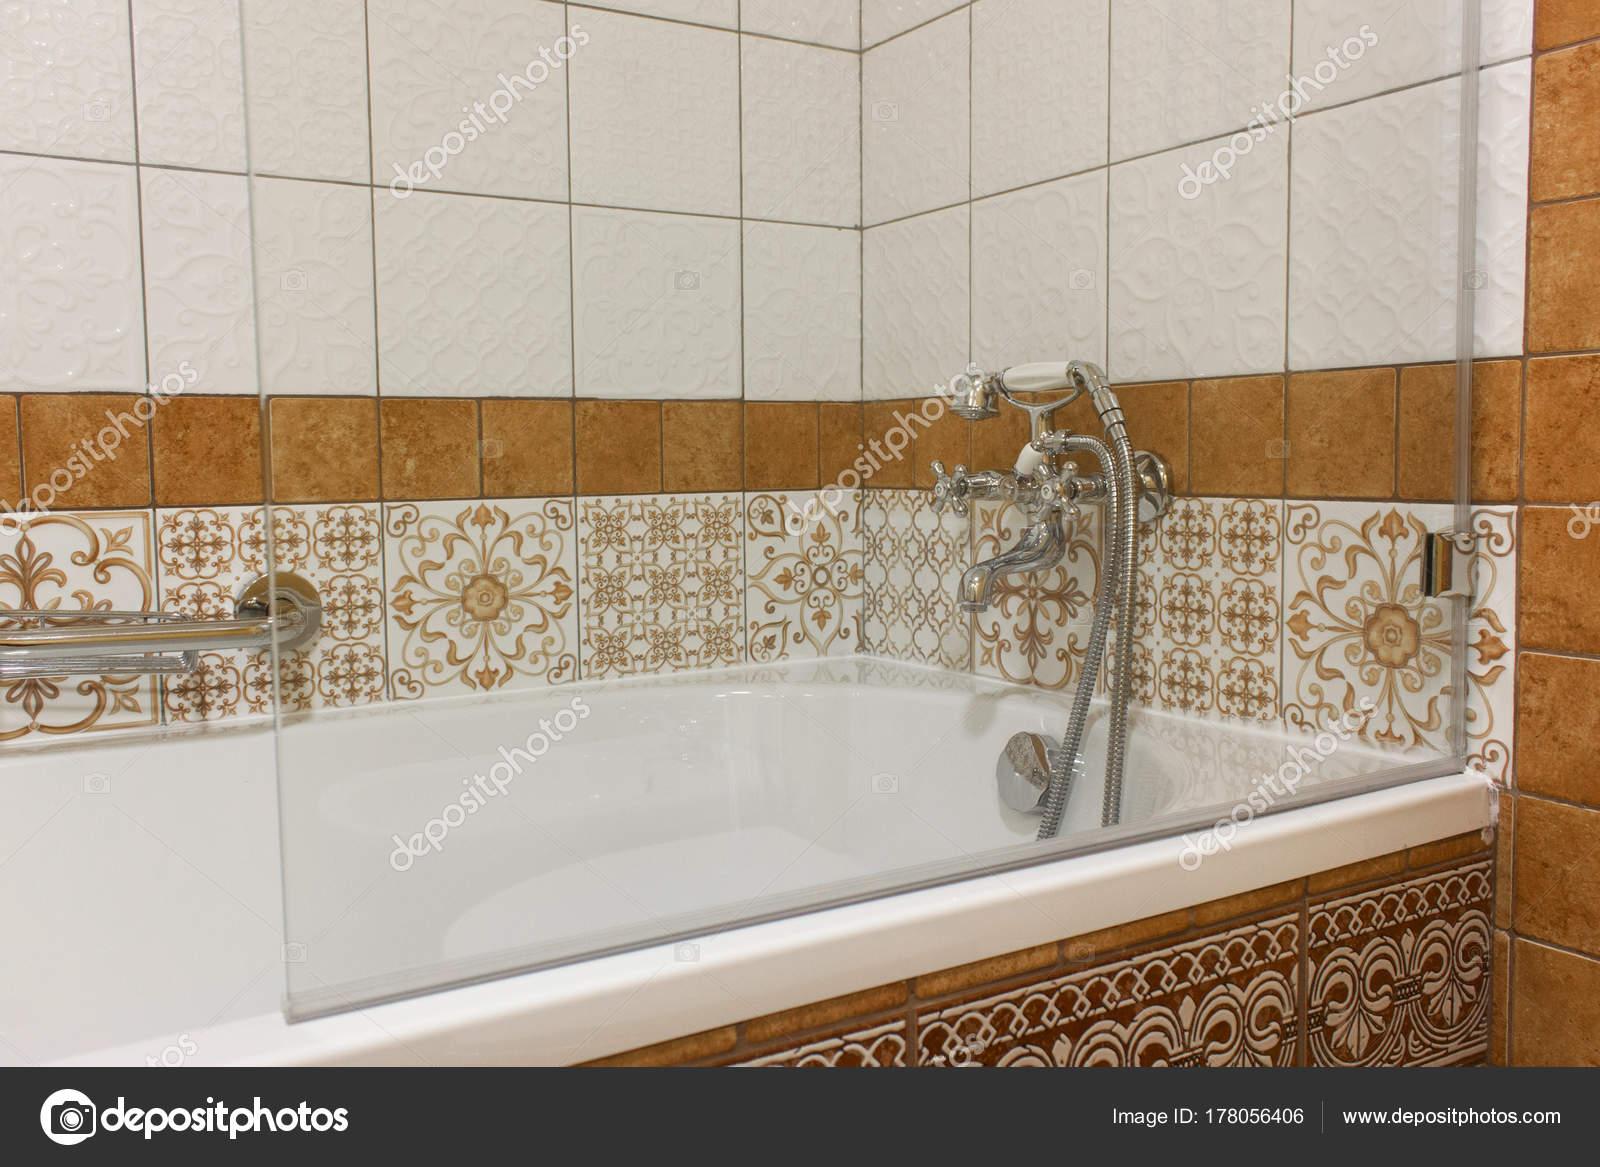 Cremagliera di doccia su vasca di bagno u2014 foto stock